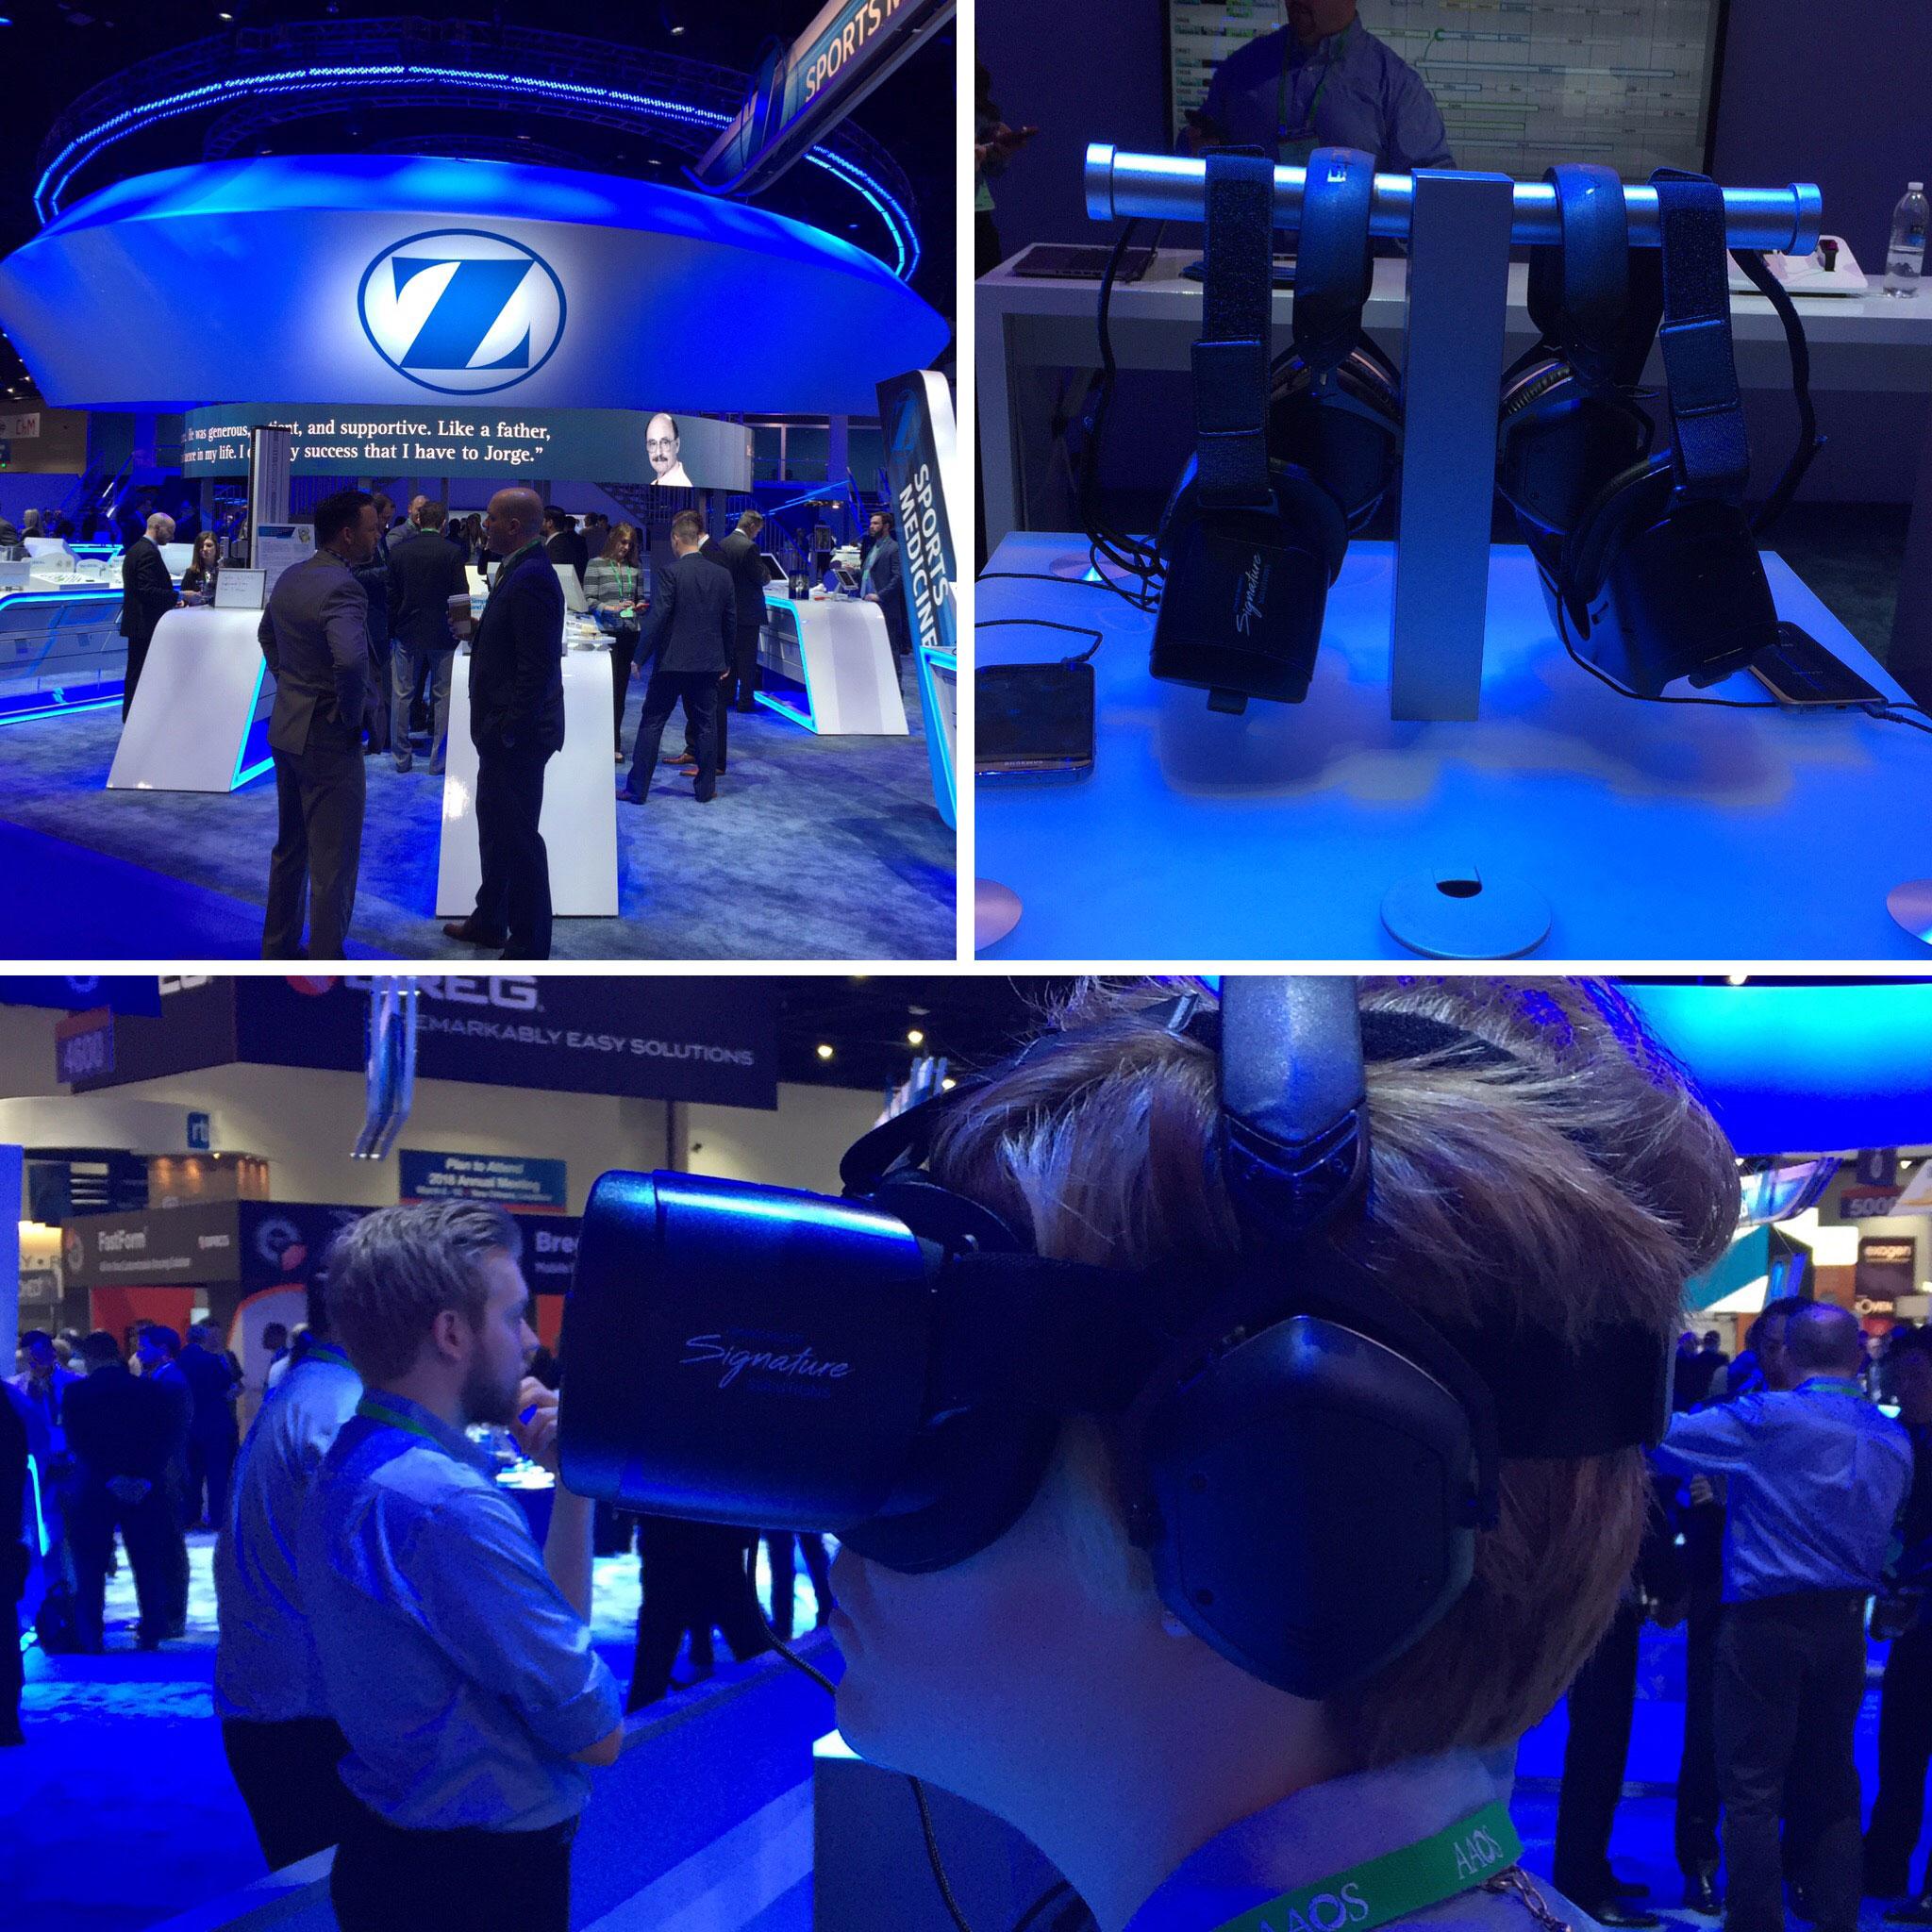 Zimmer Biomet VR Medical Mobile App